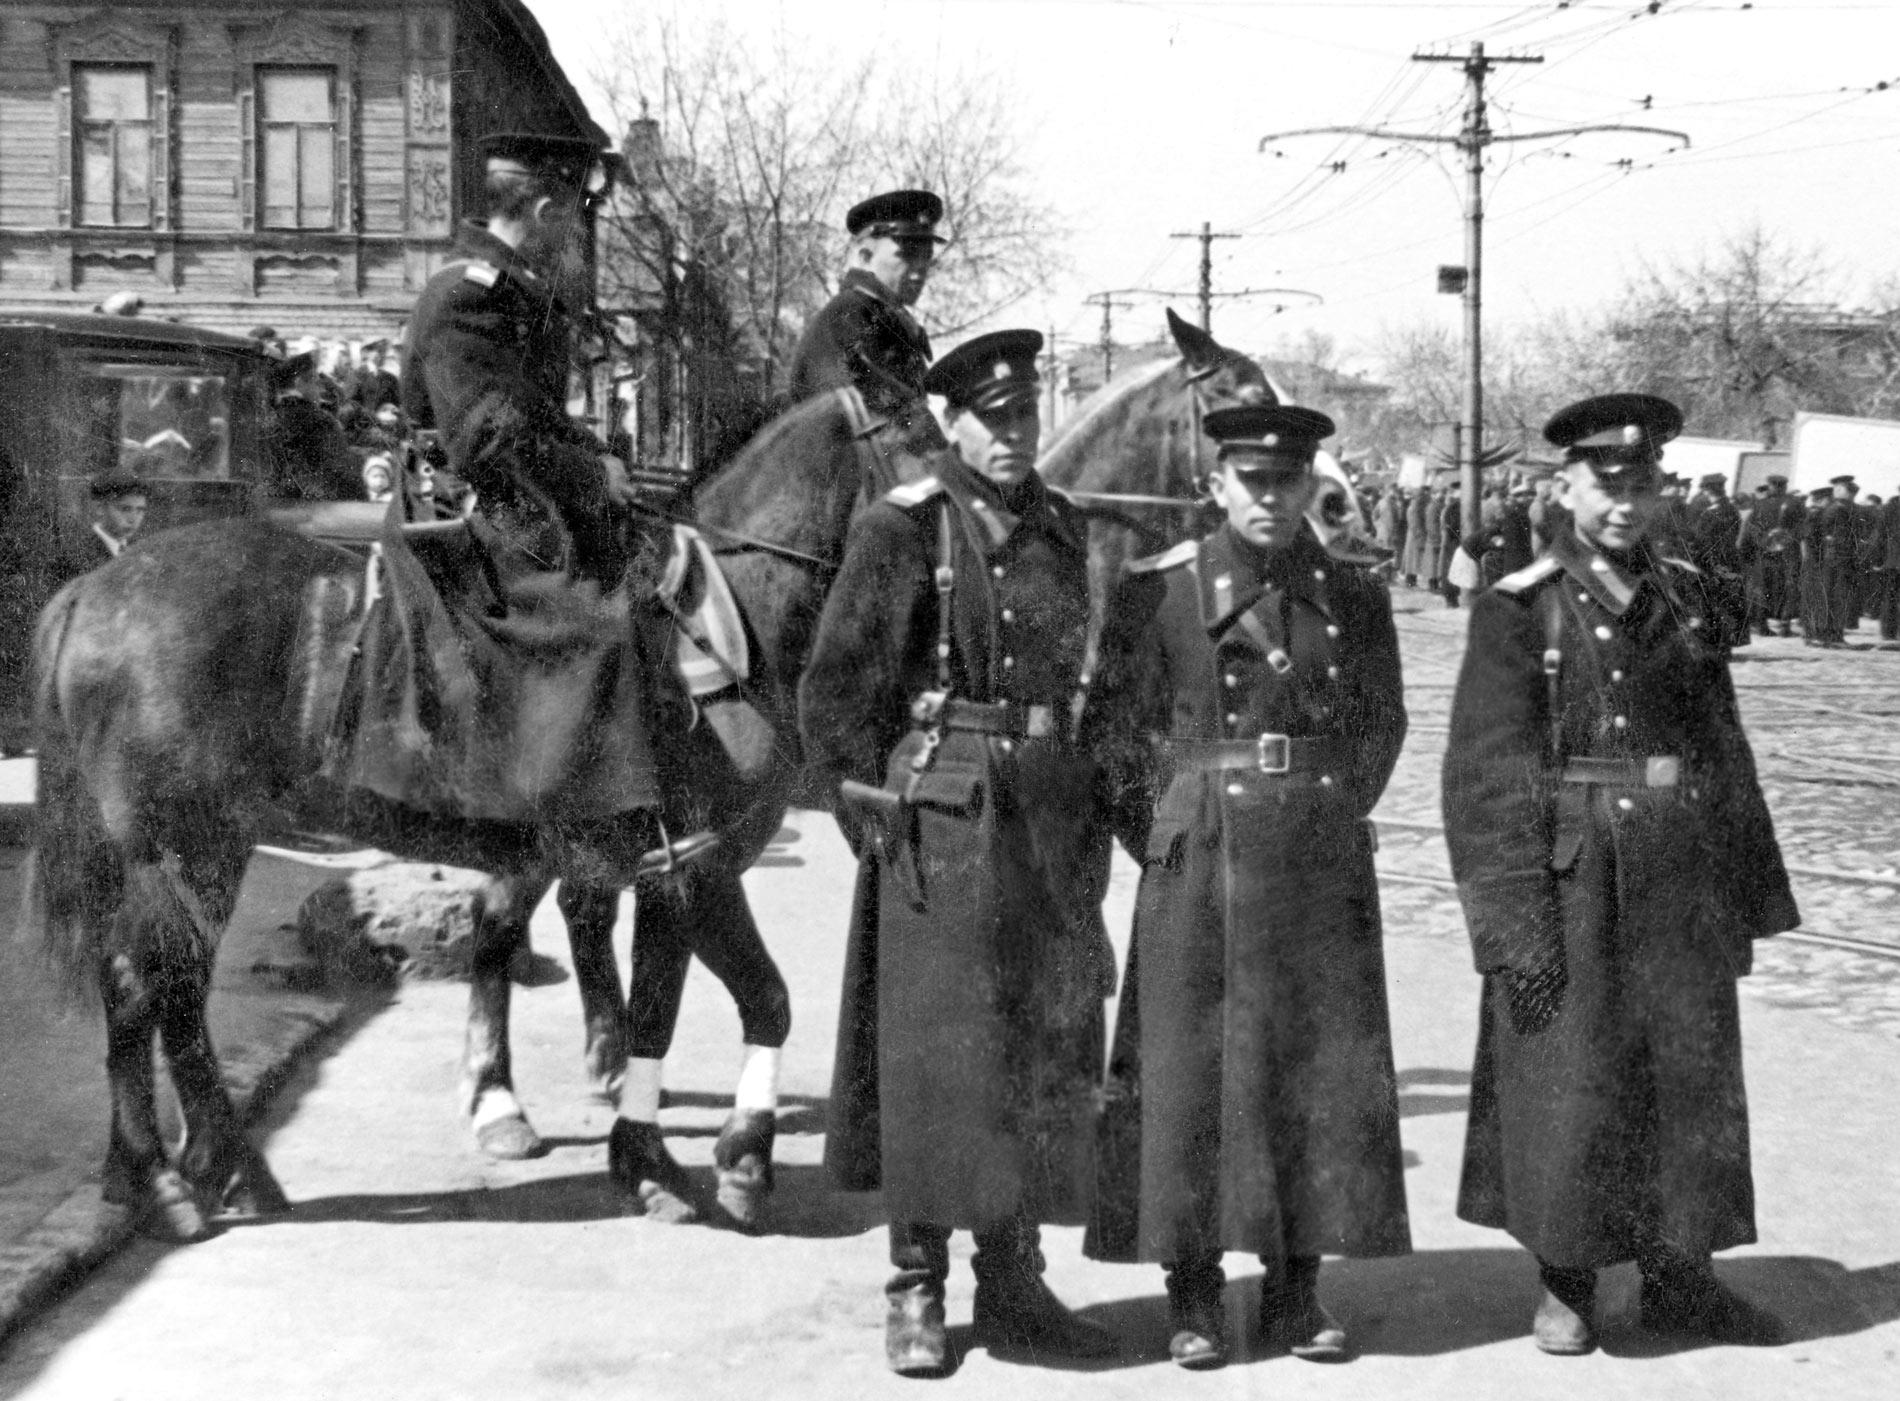 'Хуже фашистов': Как банда Петуха, Кормы и Шустрого терроризировала послевоенный Татарстан